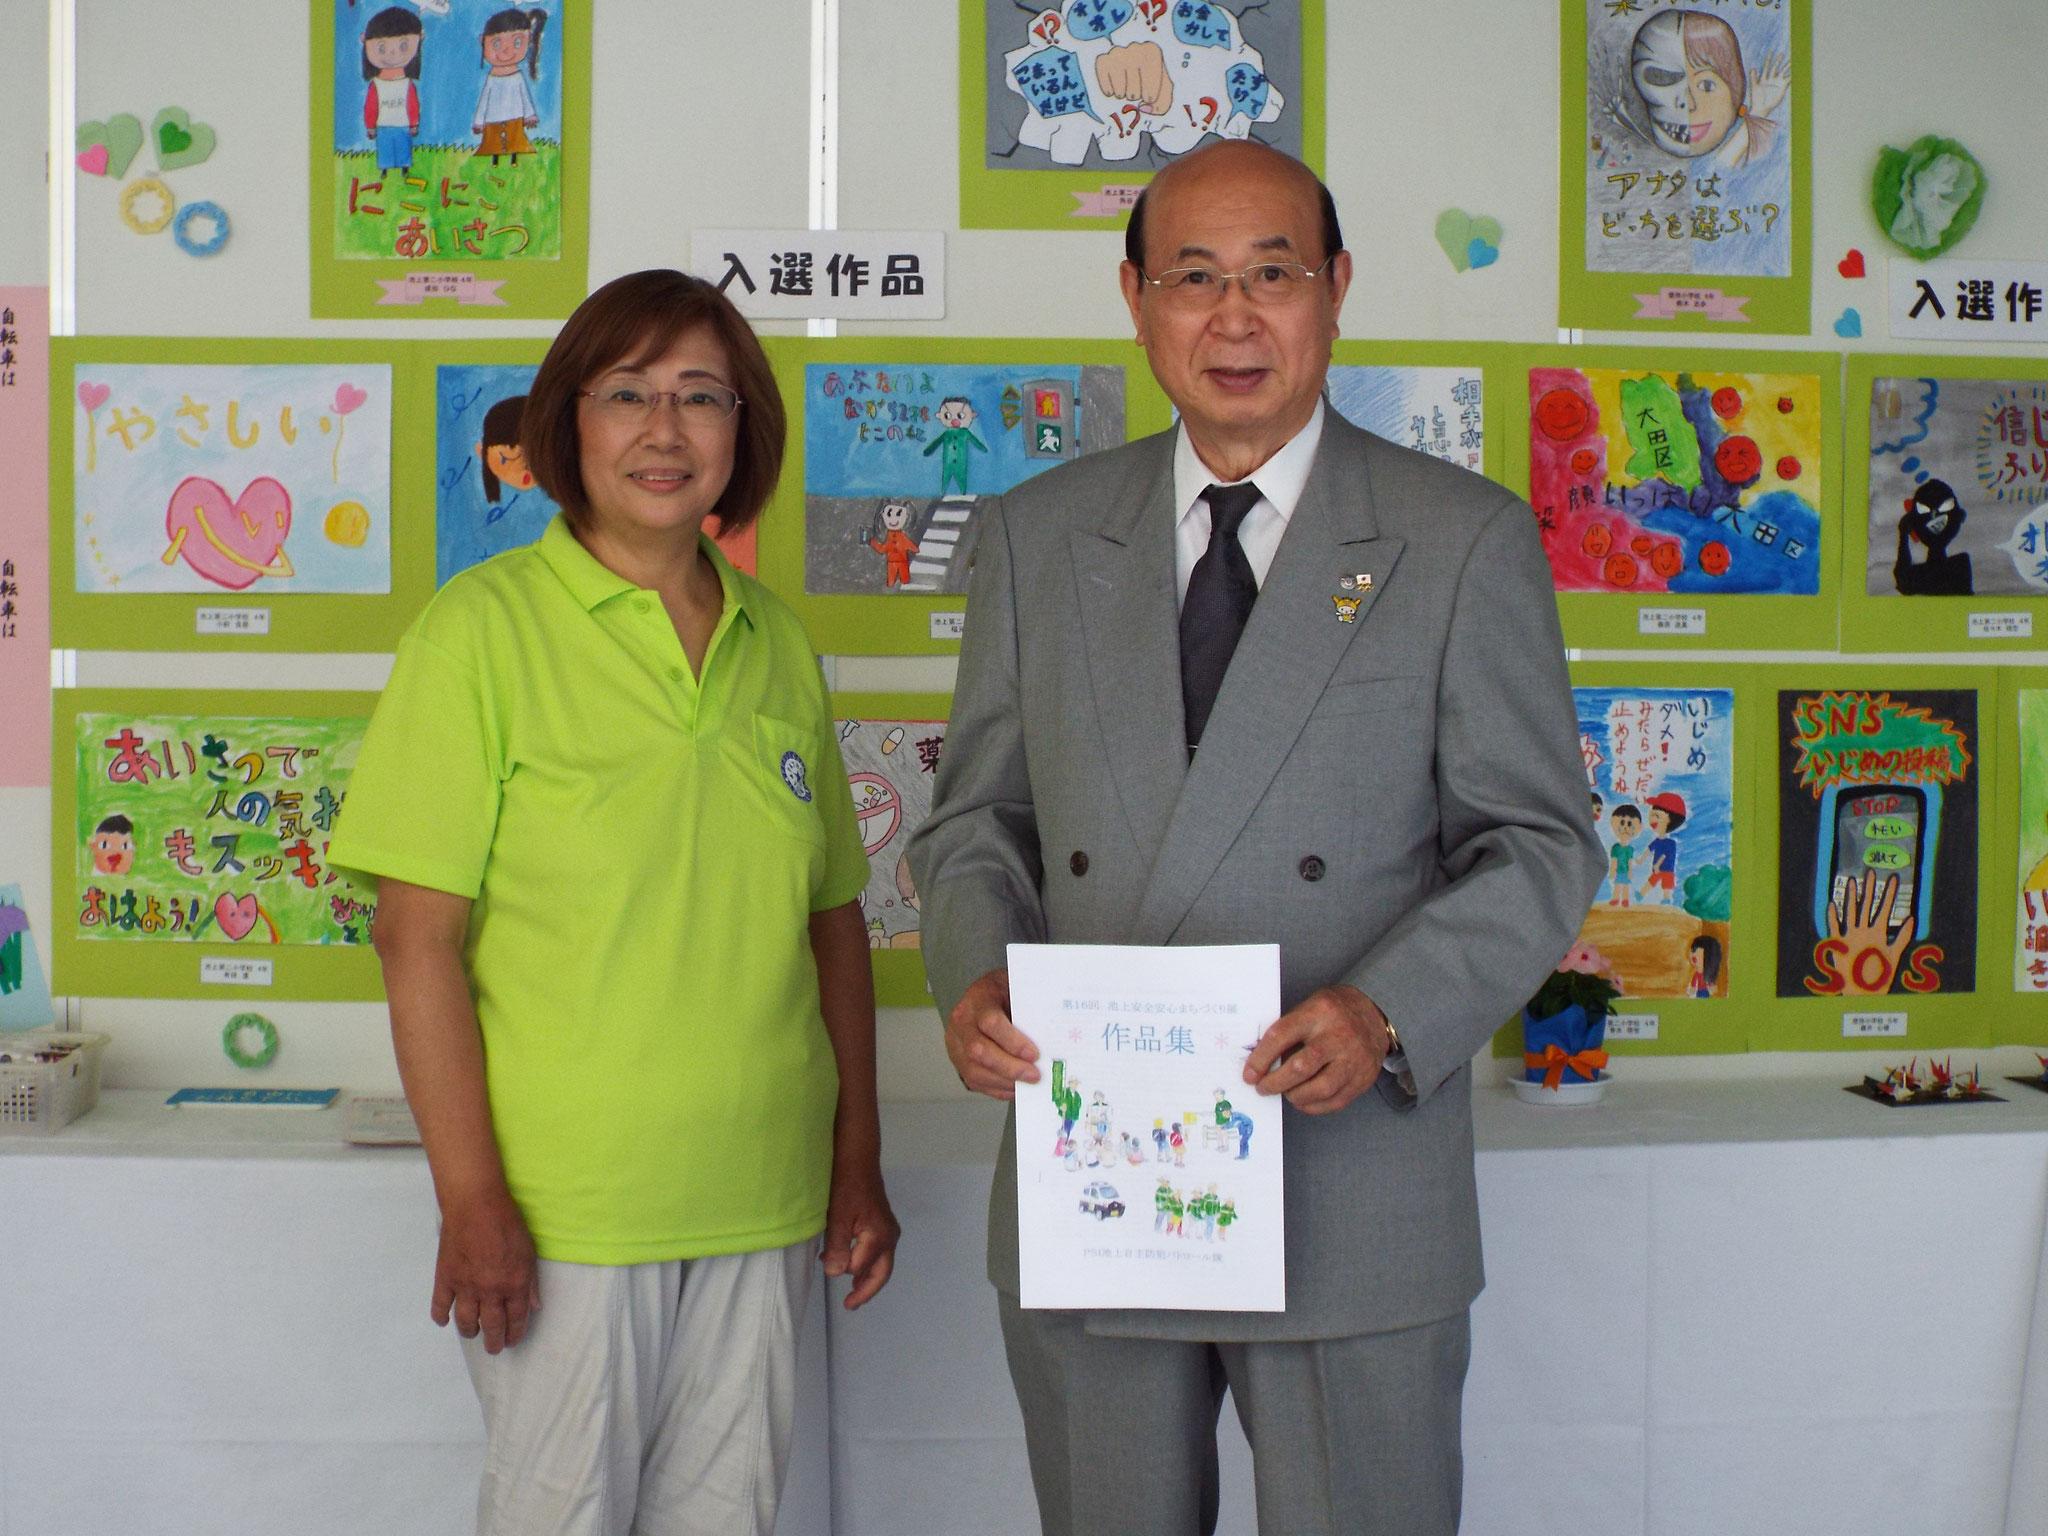 大田区長とPSI吉崎代表